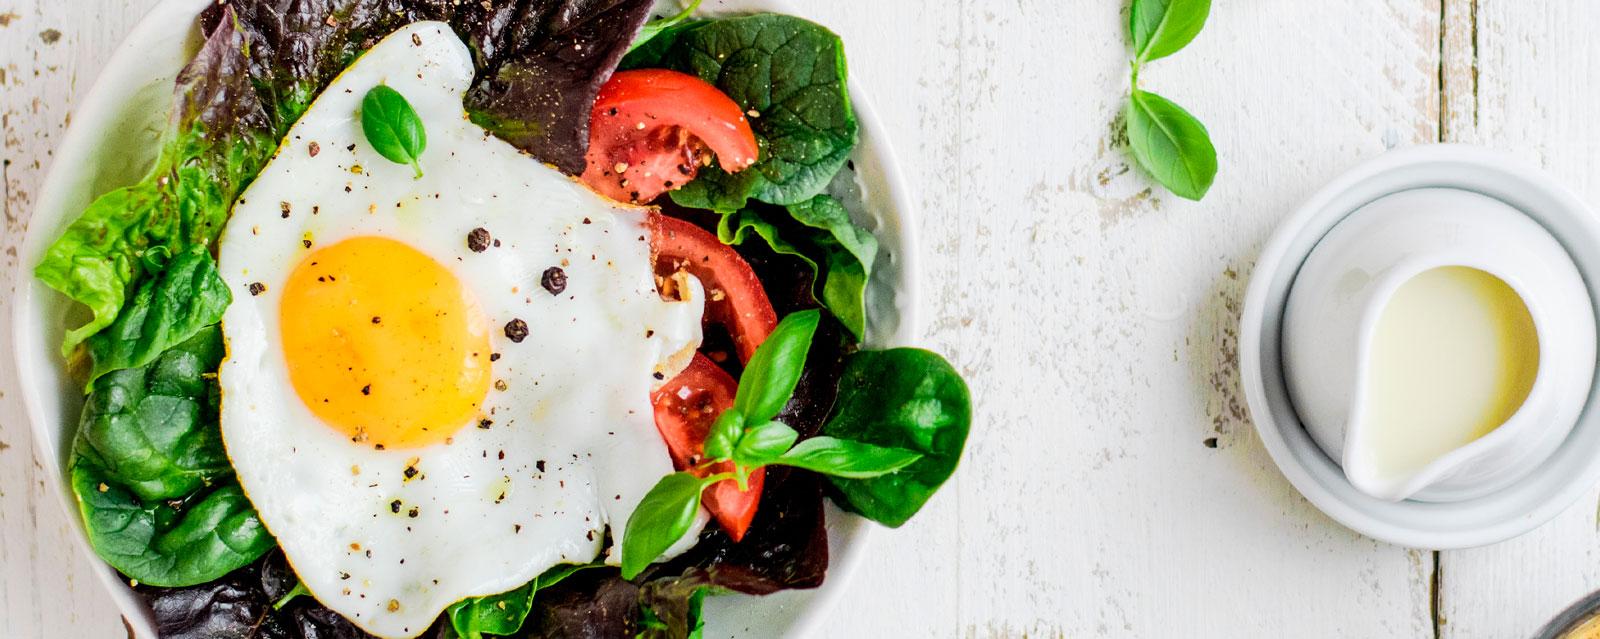 todo sobre una dieta saludable